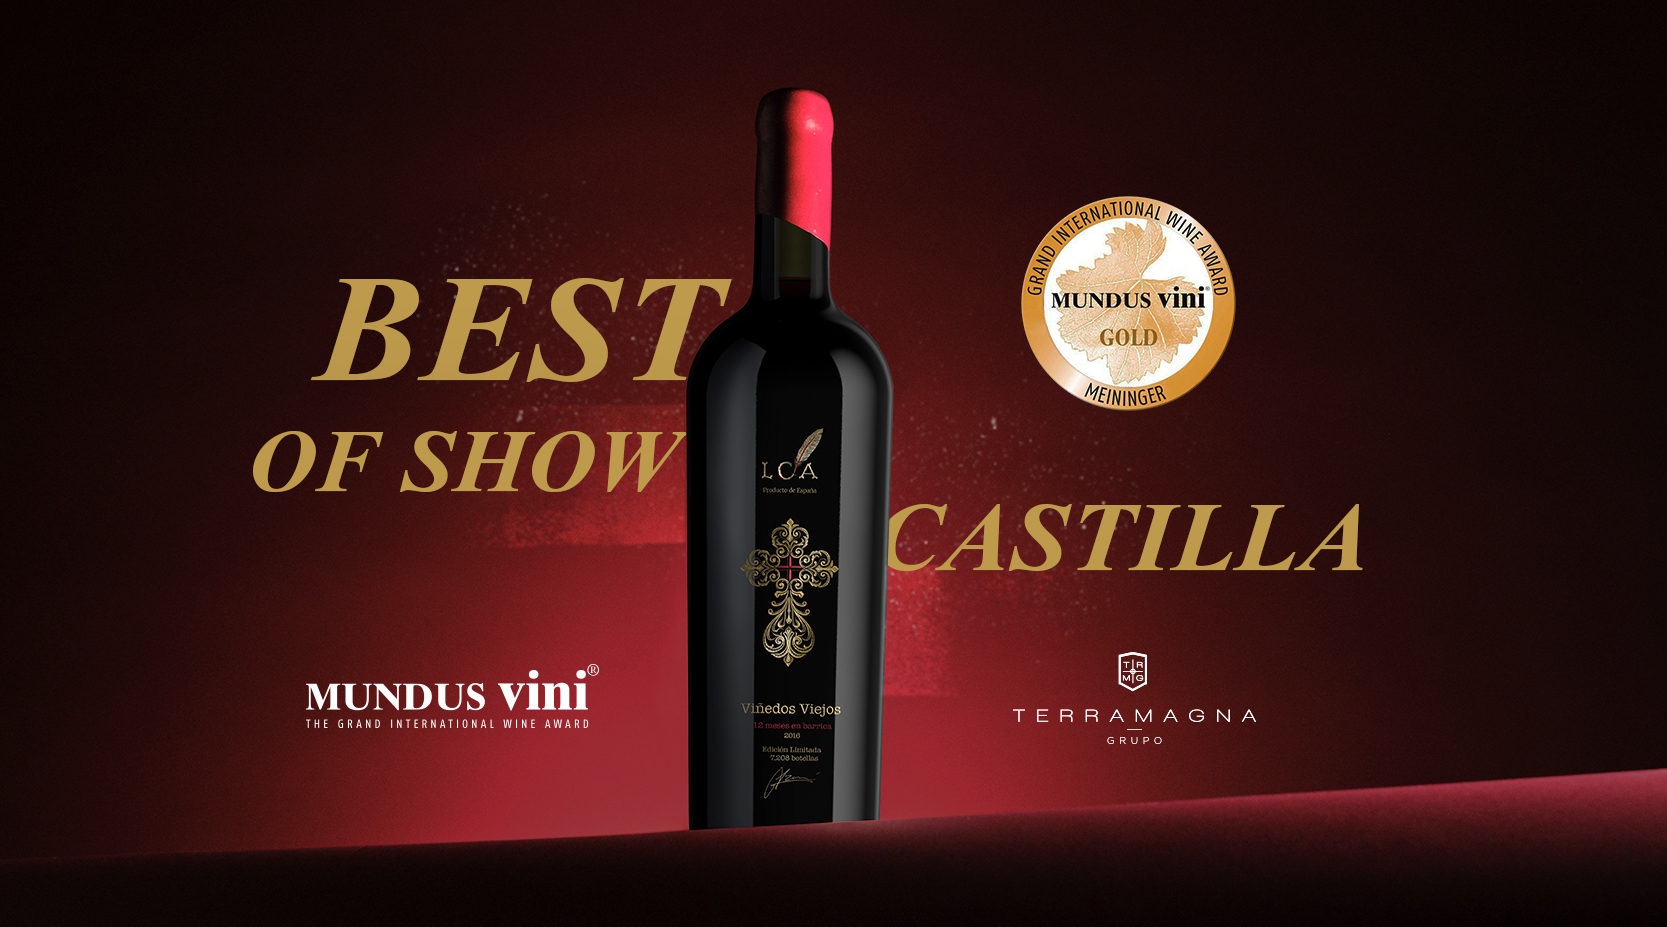 LCA Terramagna, Best of Show Castilla